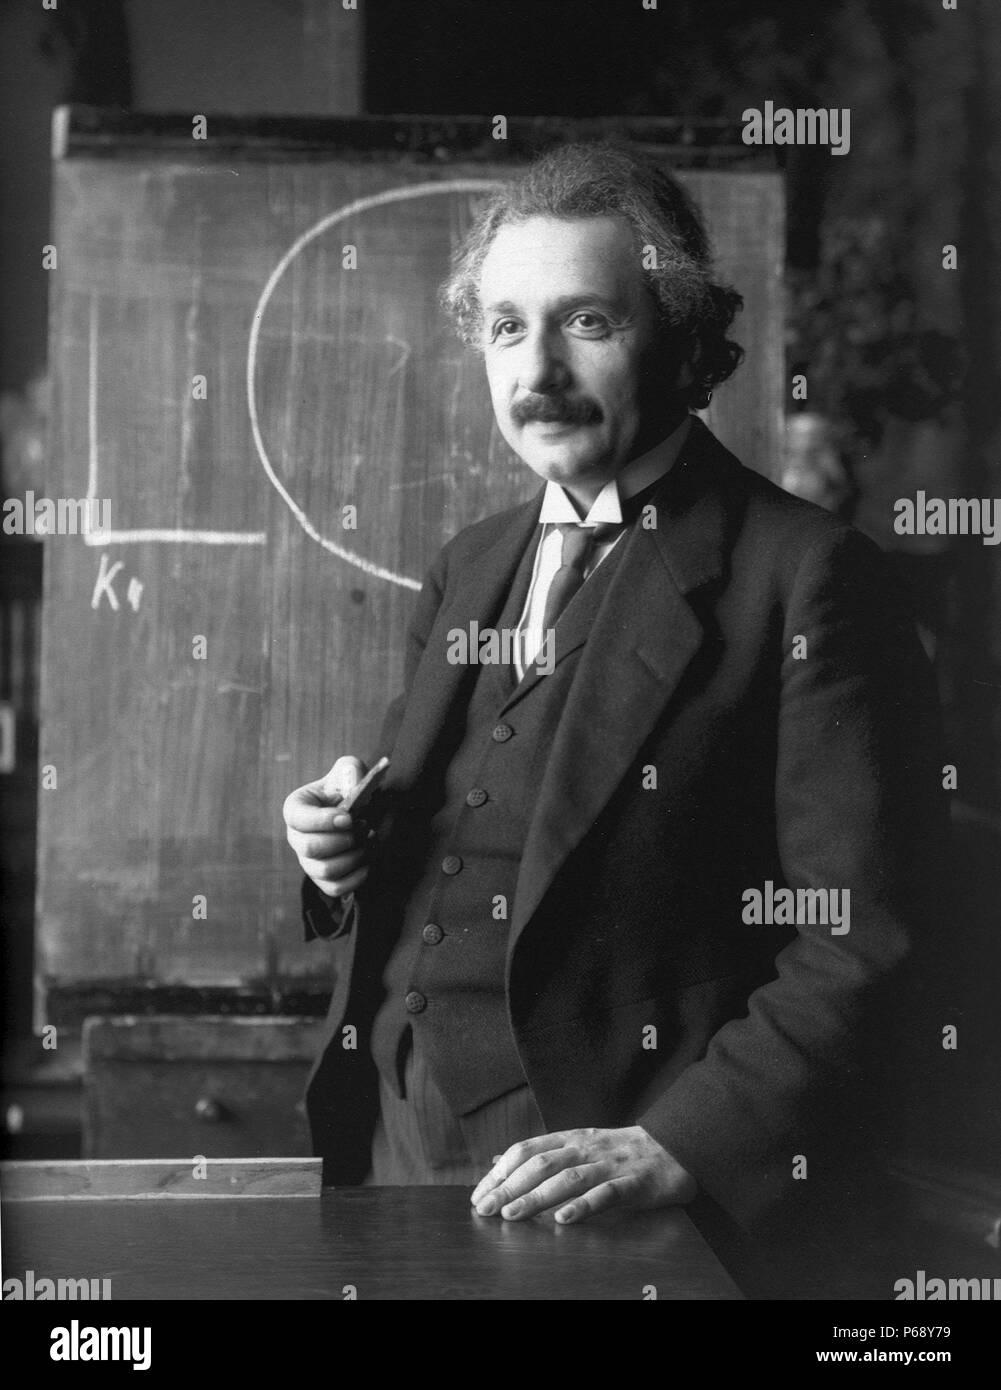 Foto von Albert Einstein (1879-1955) deutsch-stämmige theoretischer Physiker und Wissenschaftstheoretiker. Datiert 1921 Stockfoto